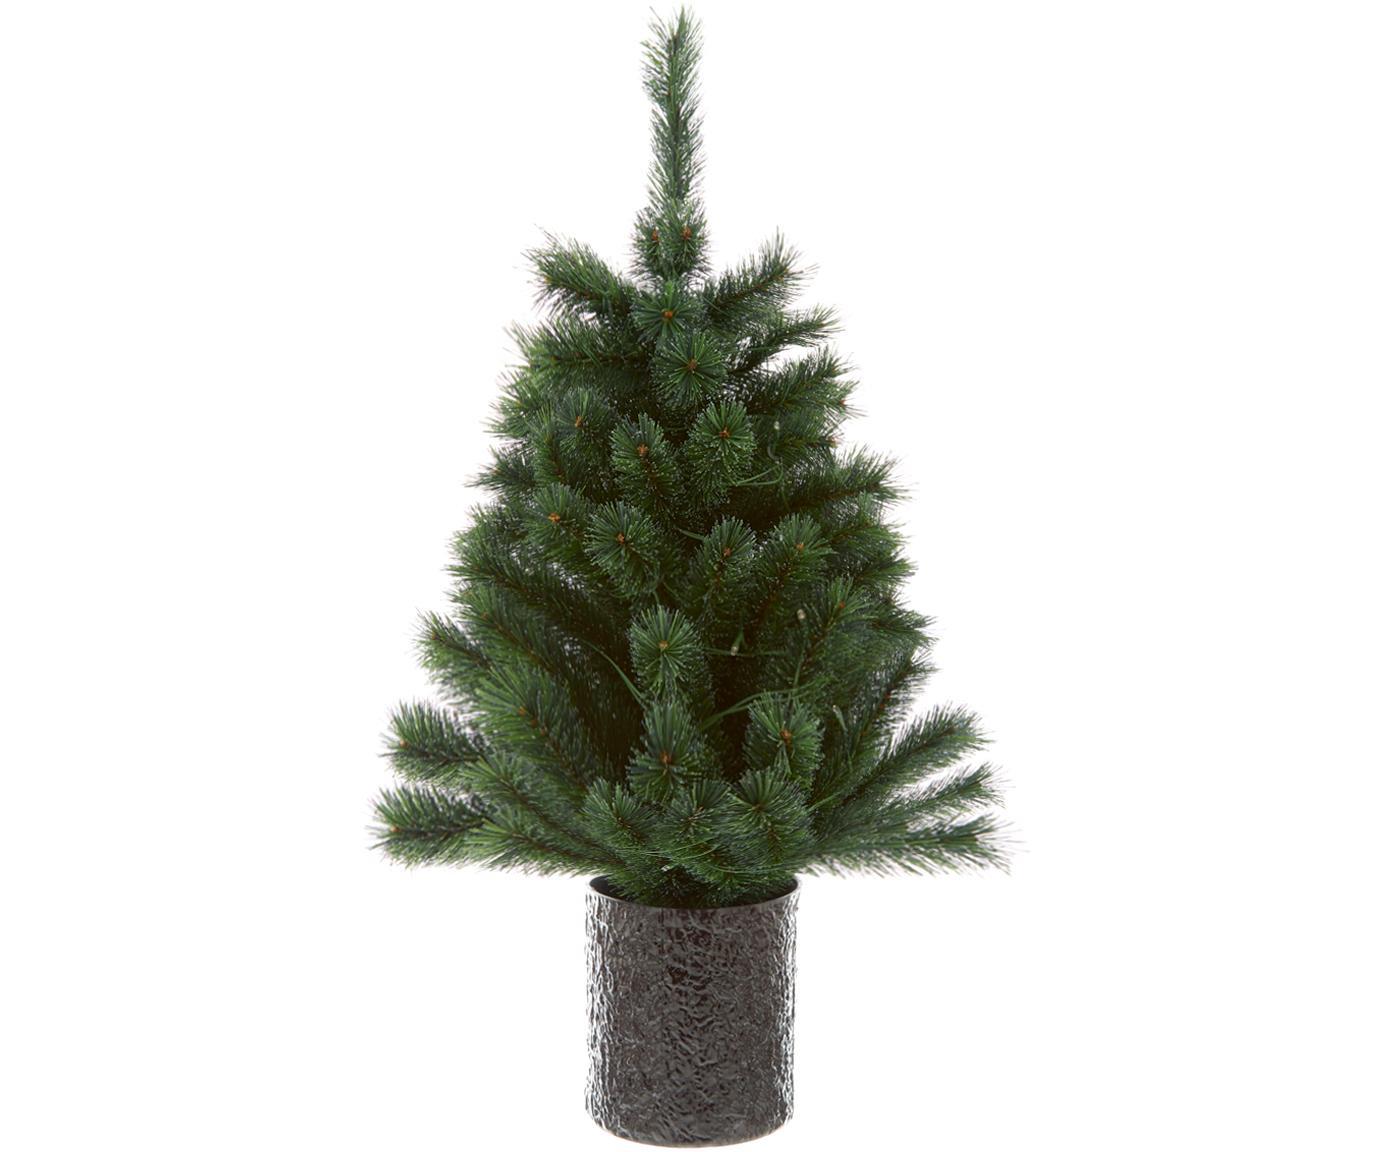 Batteriebetriebener, künstlicher LED Weihnachtsbaum Frosty Malmö, Kunststoff (Polyethylen), Grün, Ø 50 x H 90 cm